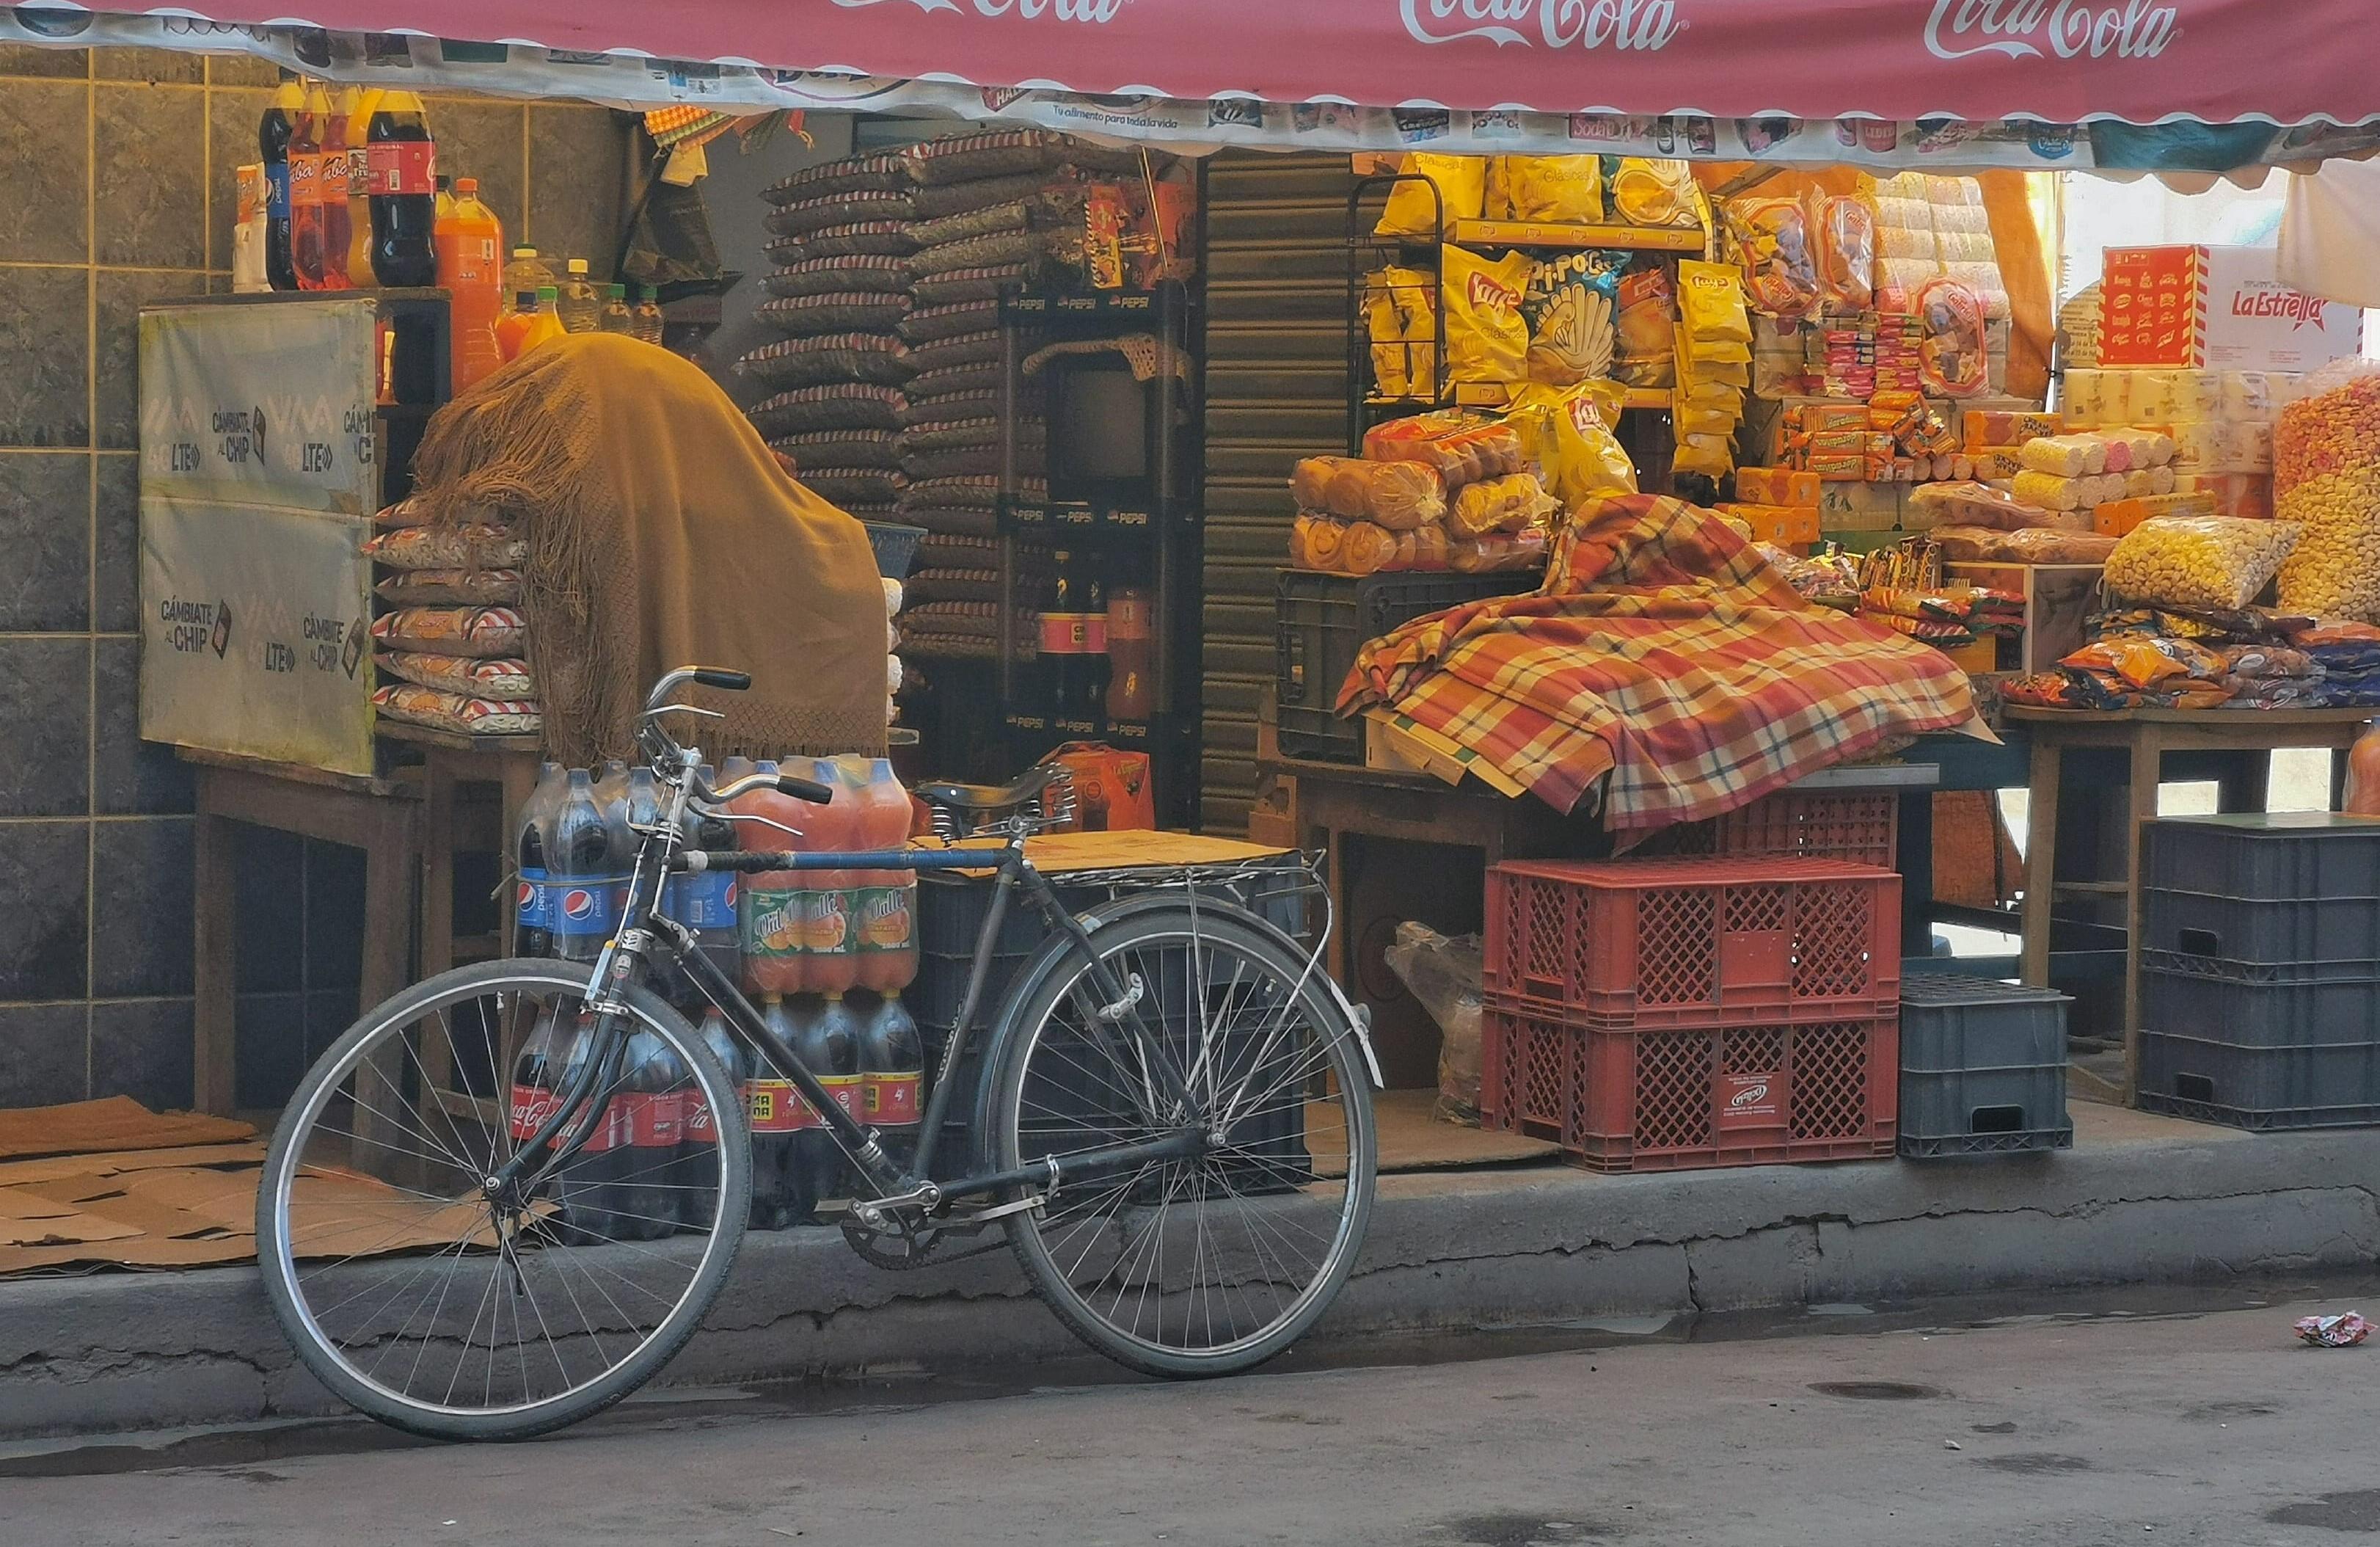 la paz desiertos by bike photo